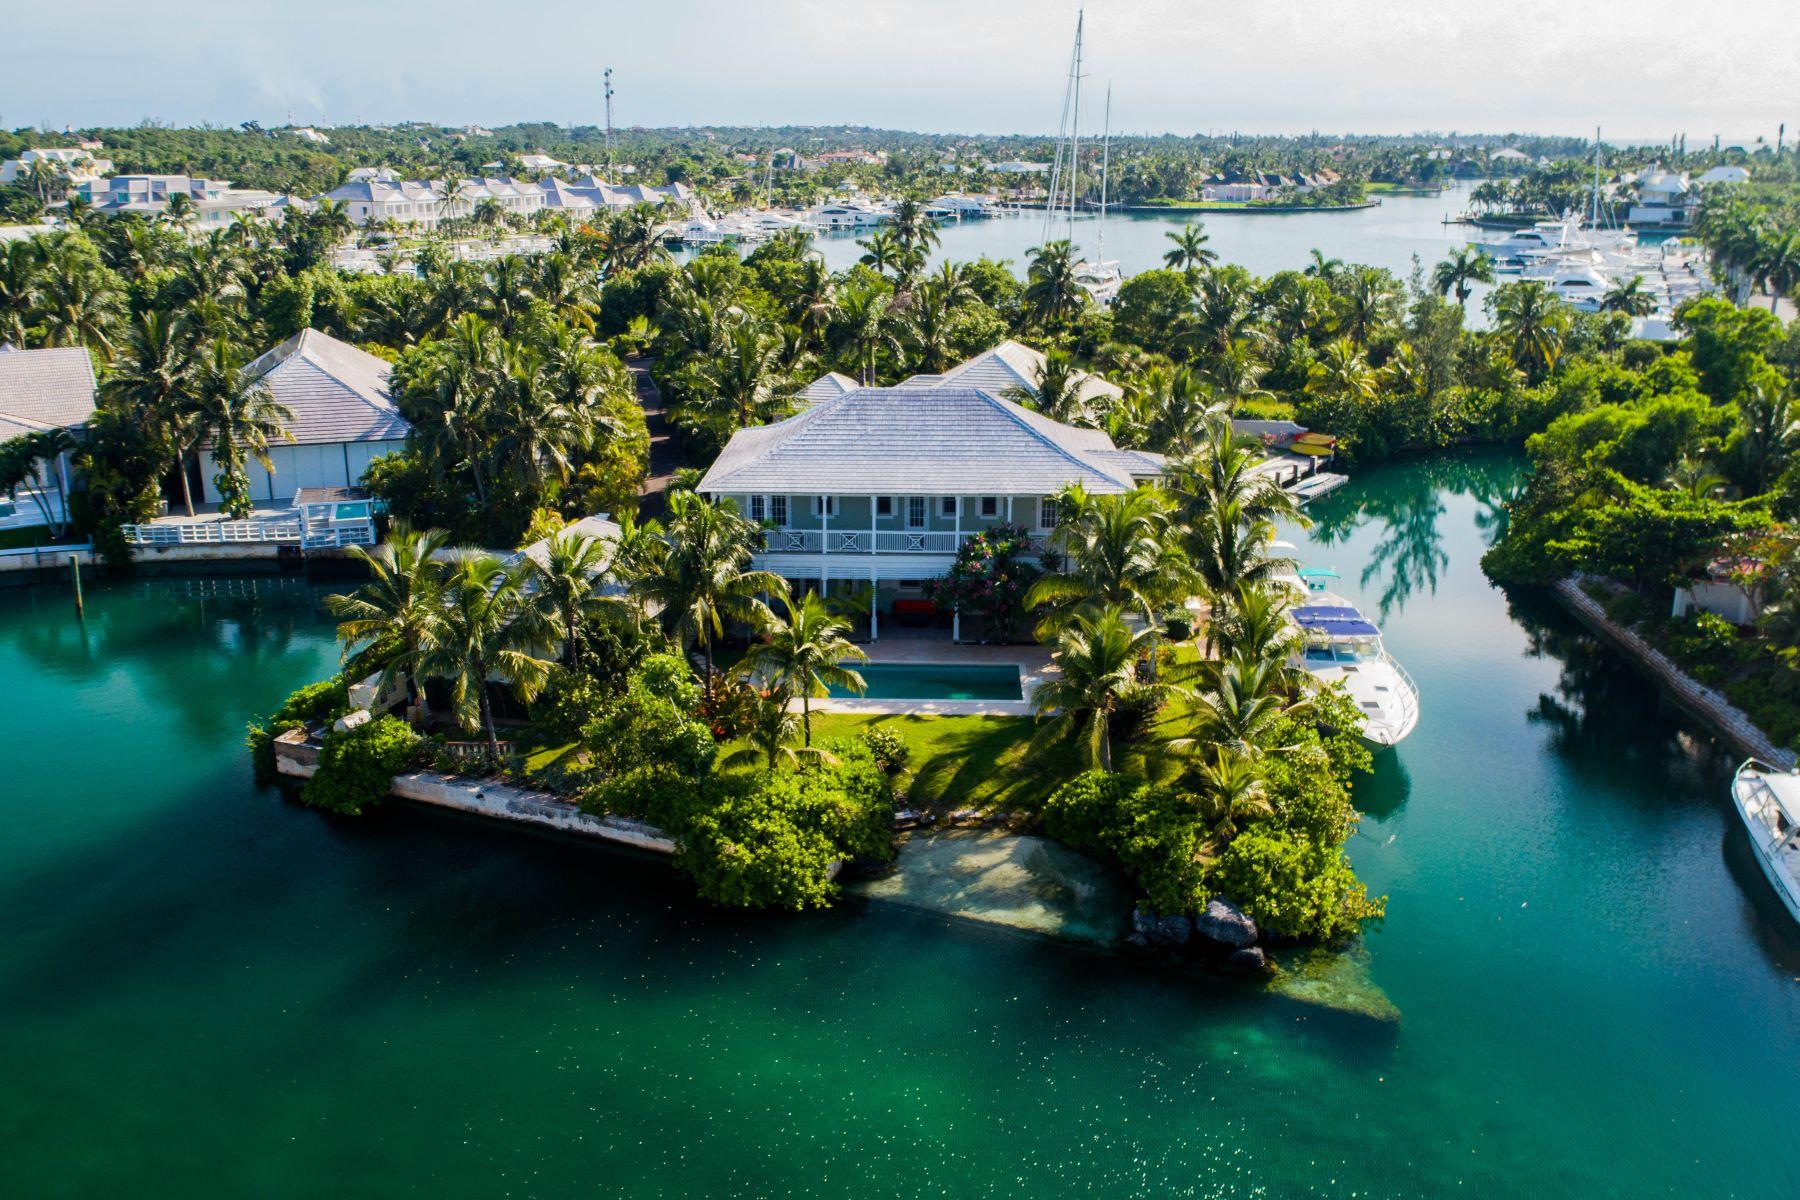 独户住宅 为 销售 在 Islands at Old Fort 旧福特湾, 新普罗维登斯/拿骚 巴哈马